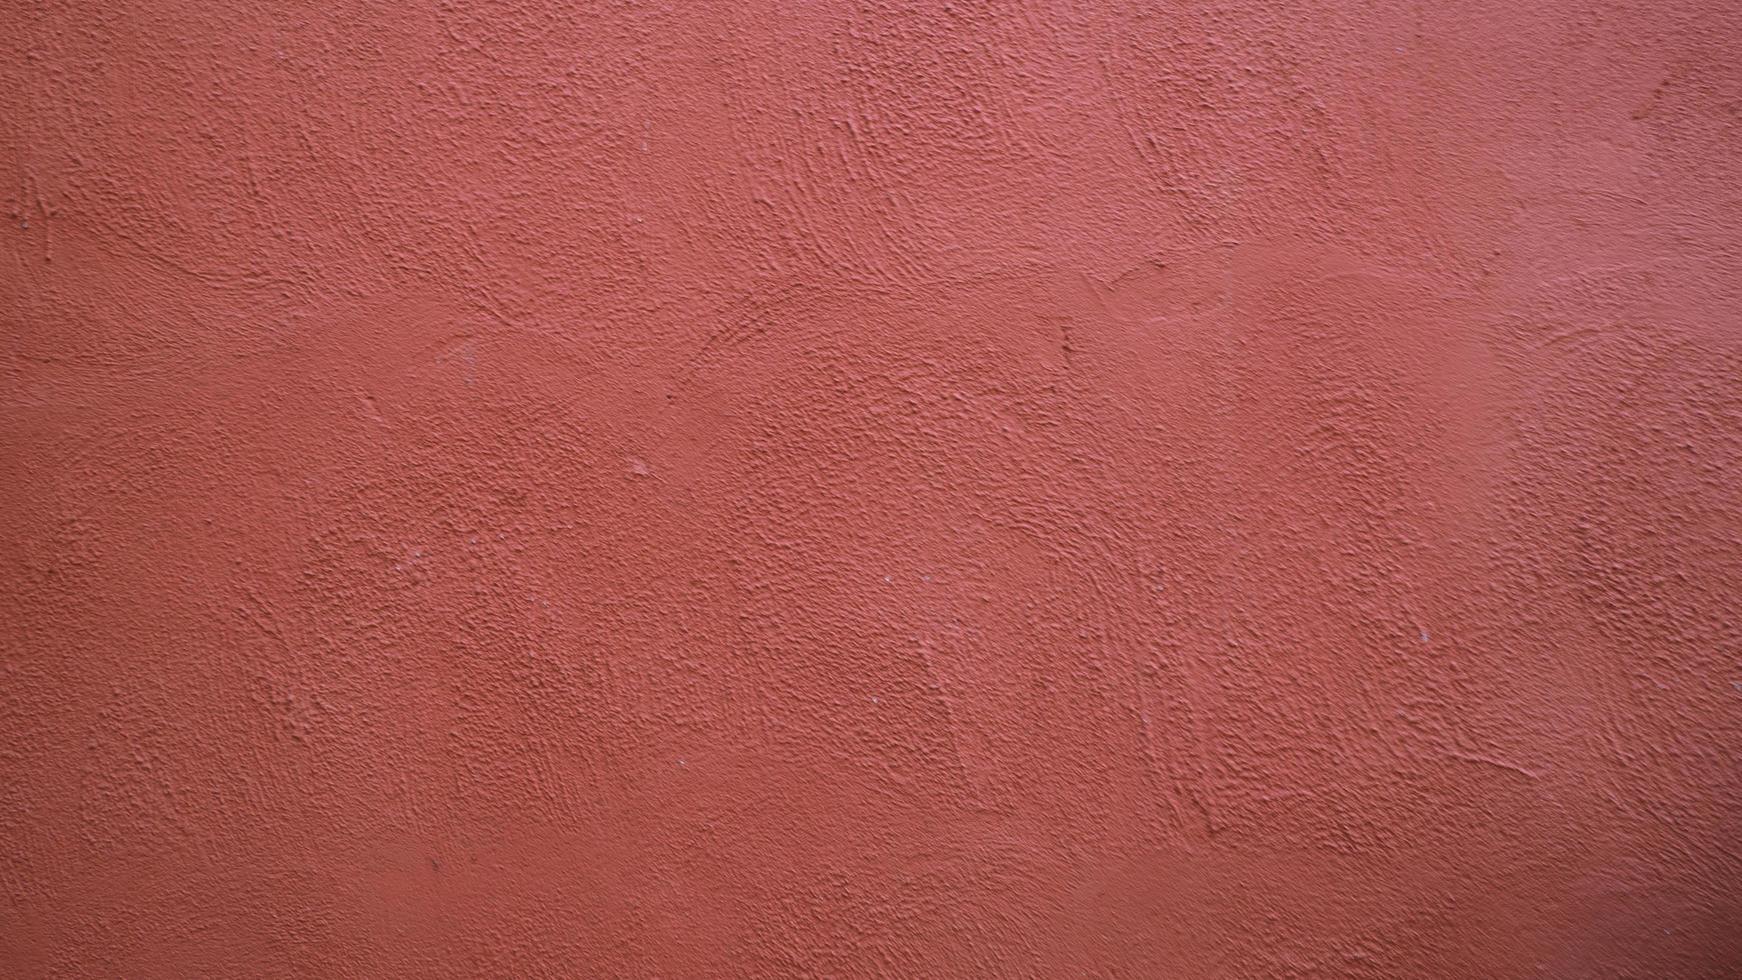 abstrakter Hintergrund vom roten Stuck foto